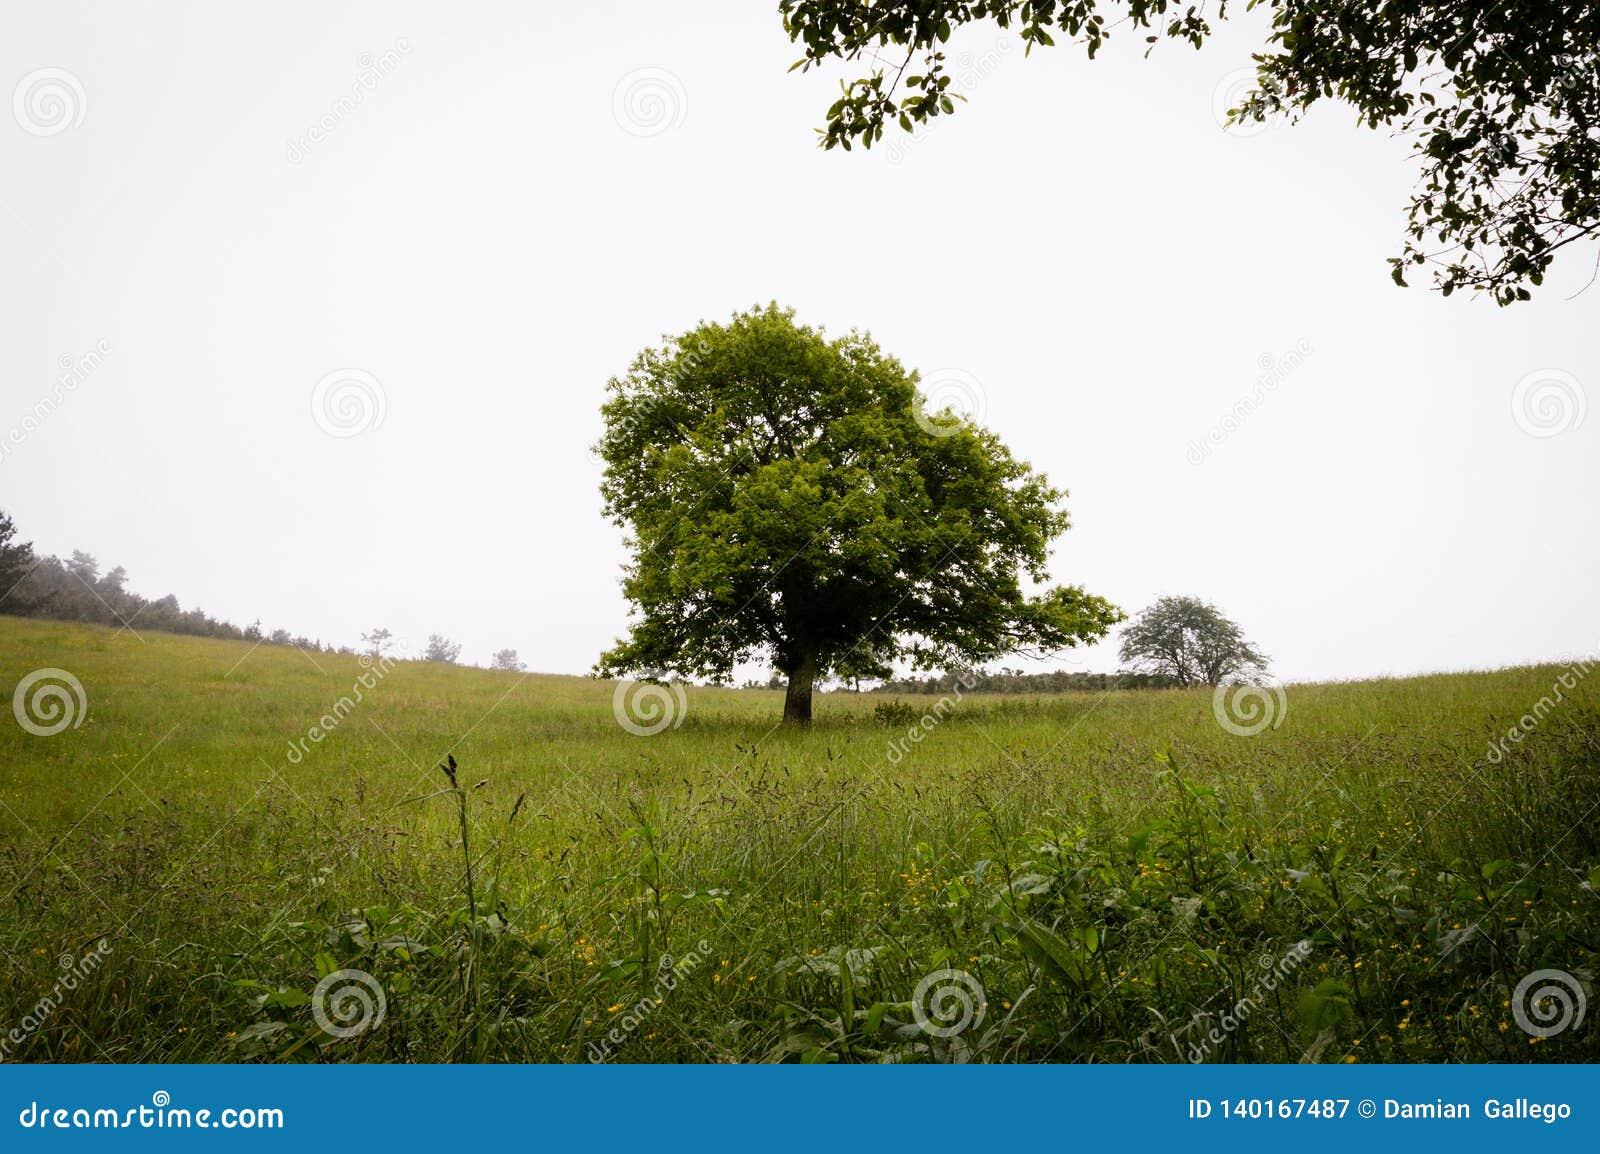 Ensam grön ek i fältet